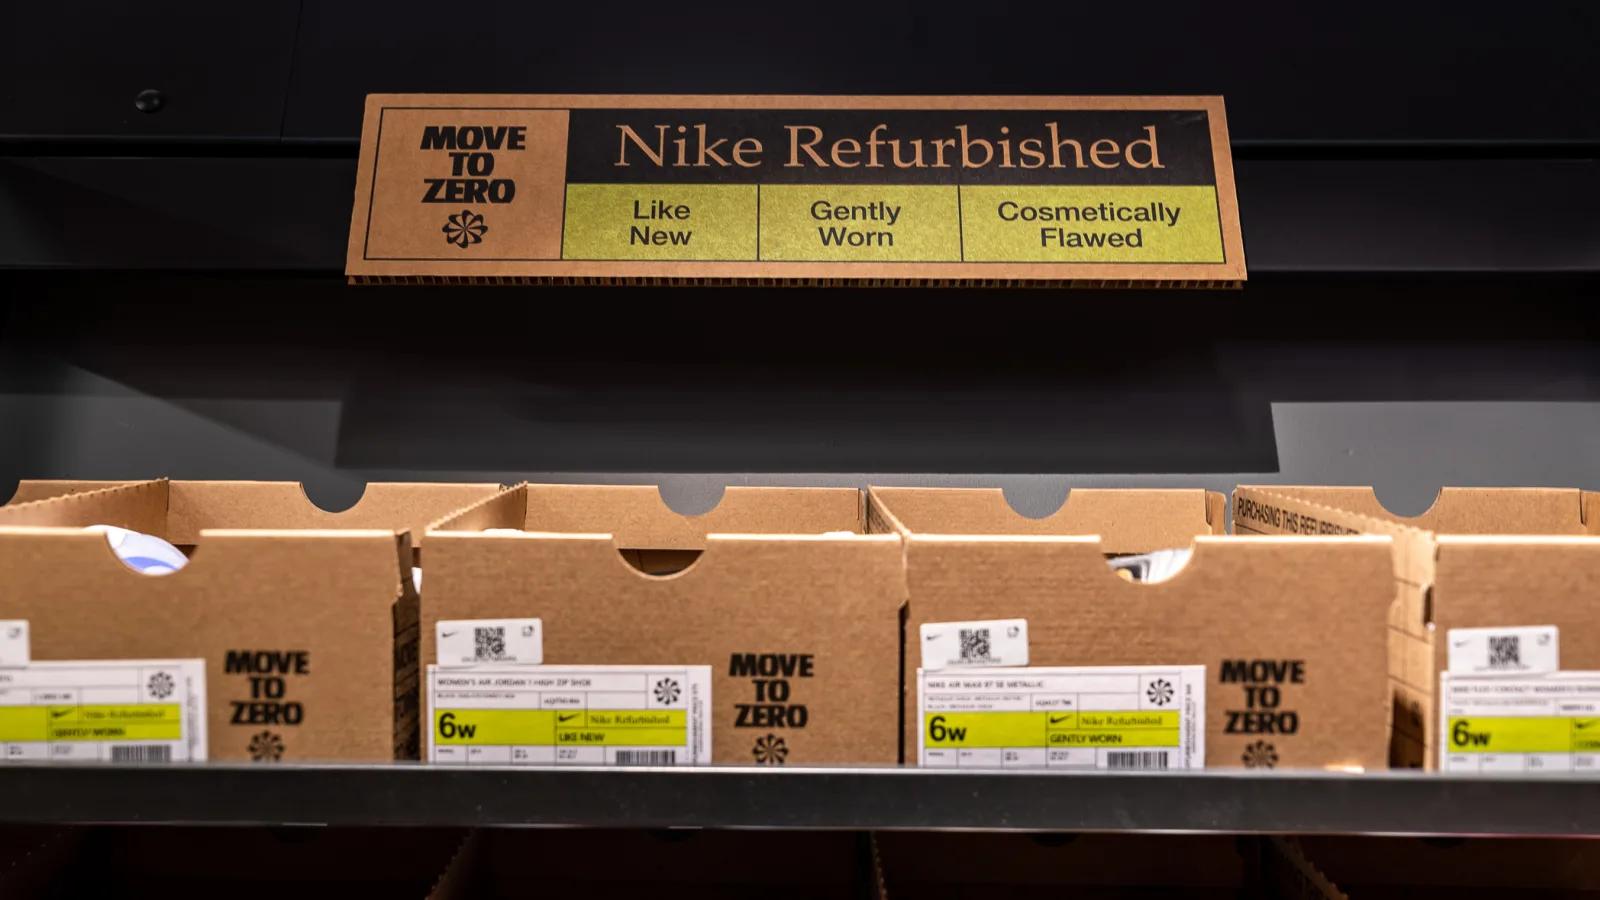 加入二手买取行列!Nike 正式宣布「回收鞋款」贩售计画,开启你不要球鞋的第二人生!